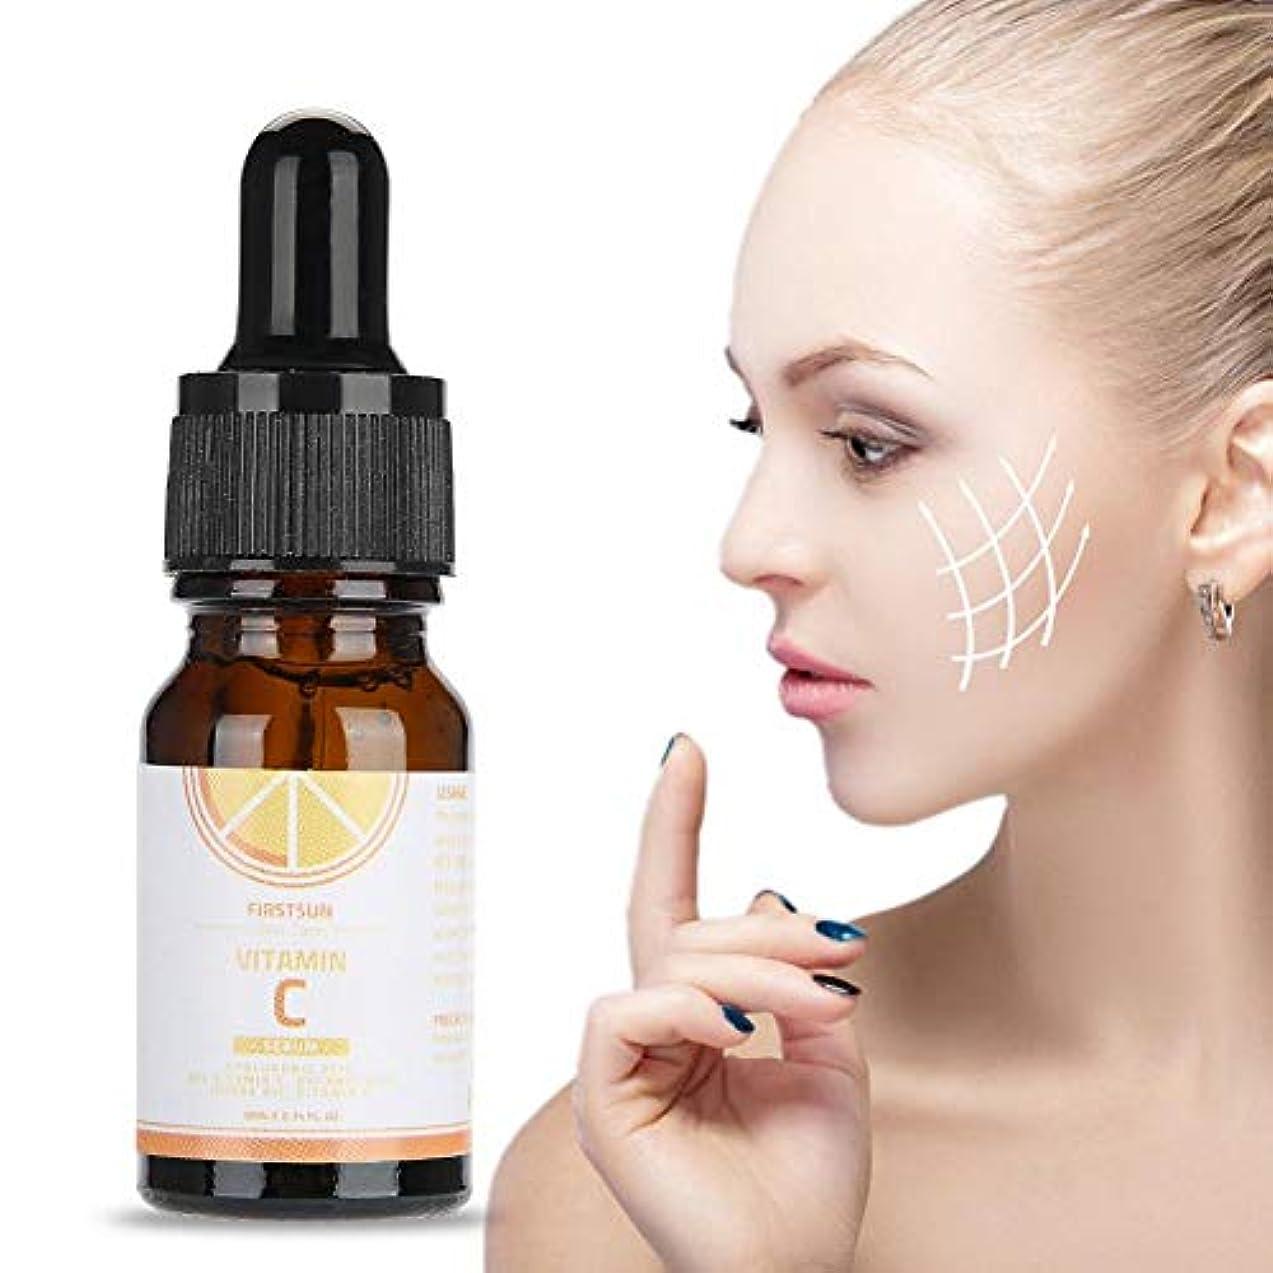 アレキサンダーグラハムベル理解逆さまに10mlビタミンCセラム、 美容液 ヒアルロン酸補水保湿 縮小毛穴 ヒアルロン酸クリーム 肌の明るさと肌への潤い ビタミンEフェイスセラムスホワイトニングモイスチャライジング